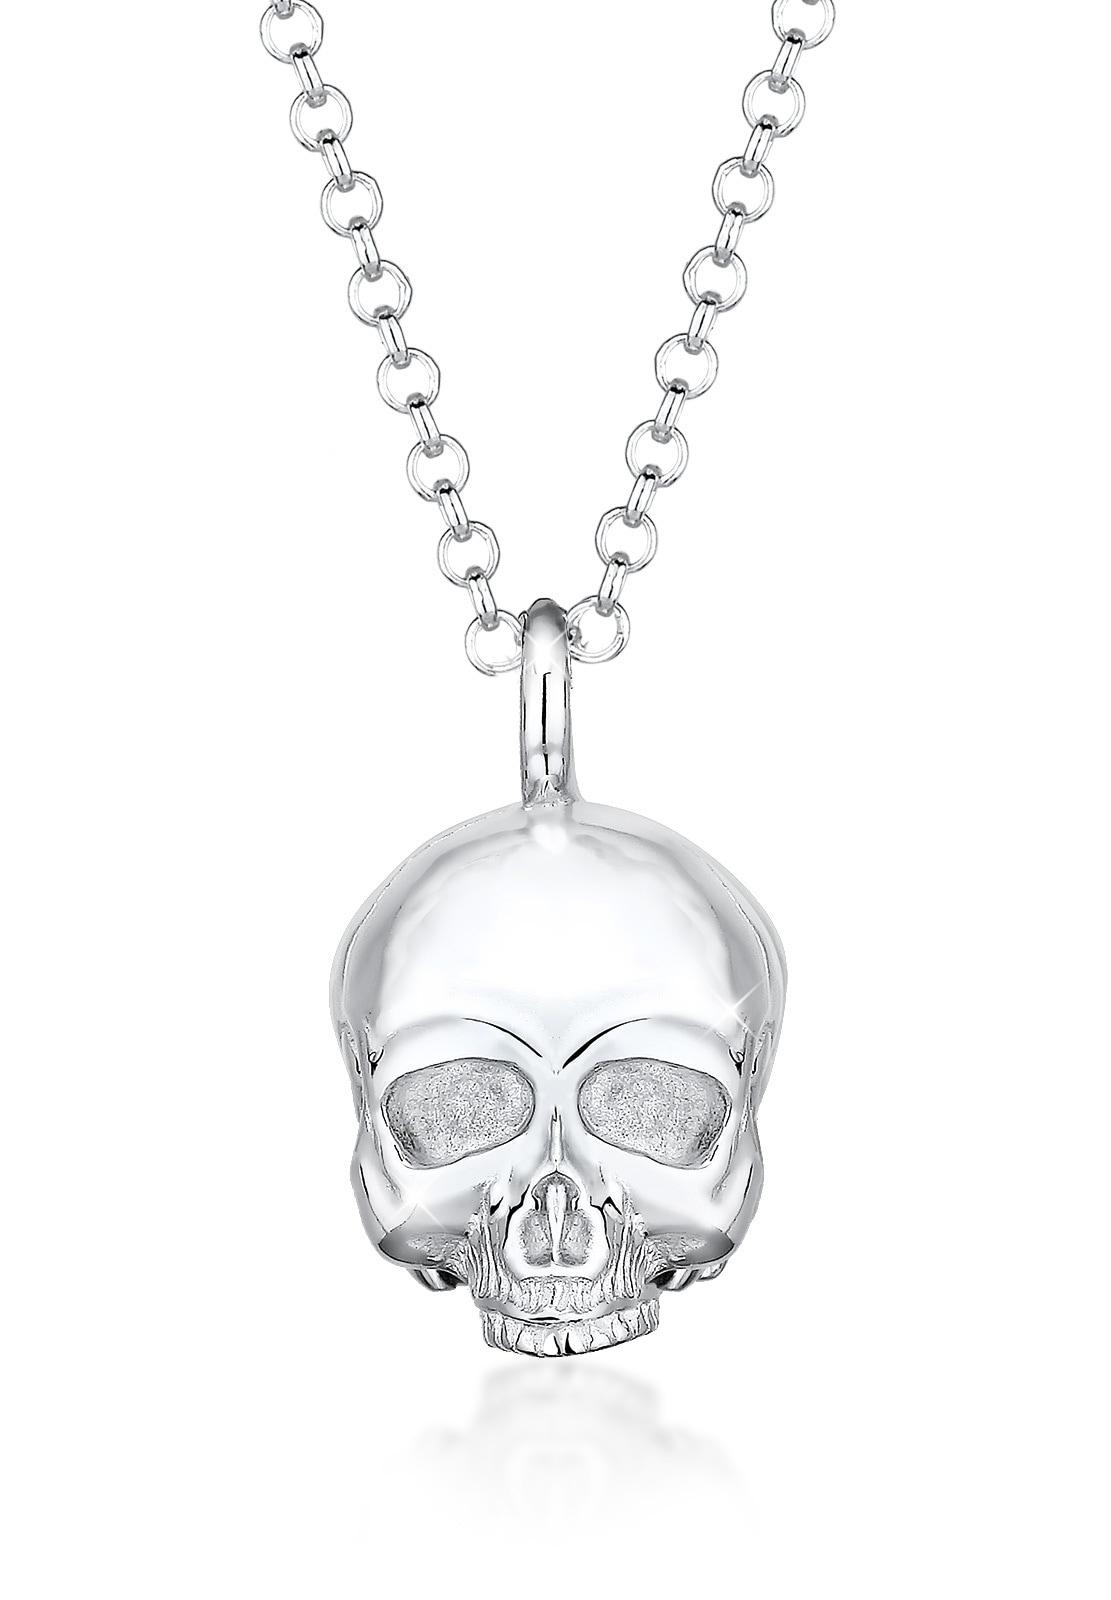 Kuzzoi Silberkette Totenkopf Schädel Gothic 925 Sterling Silber | Schmuck > Halsketten > Silberketten | Kuzzoi